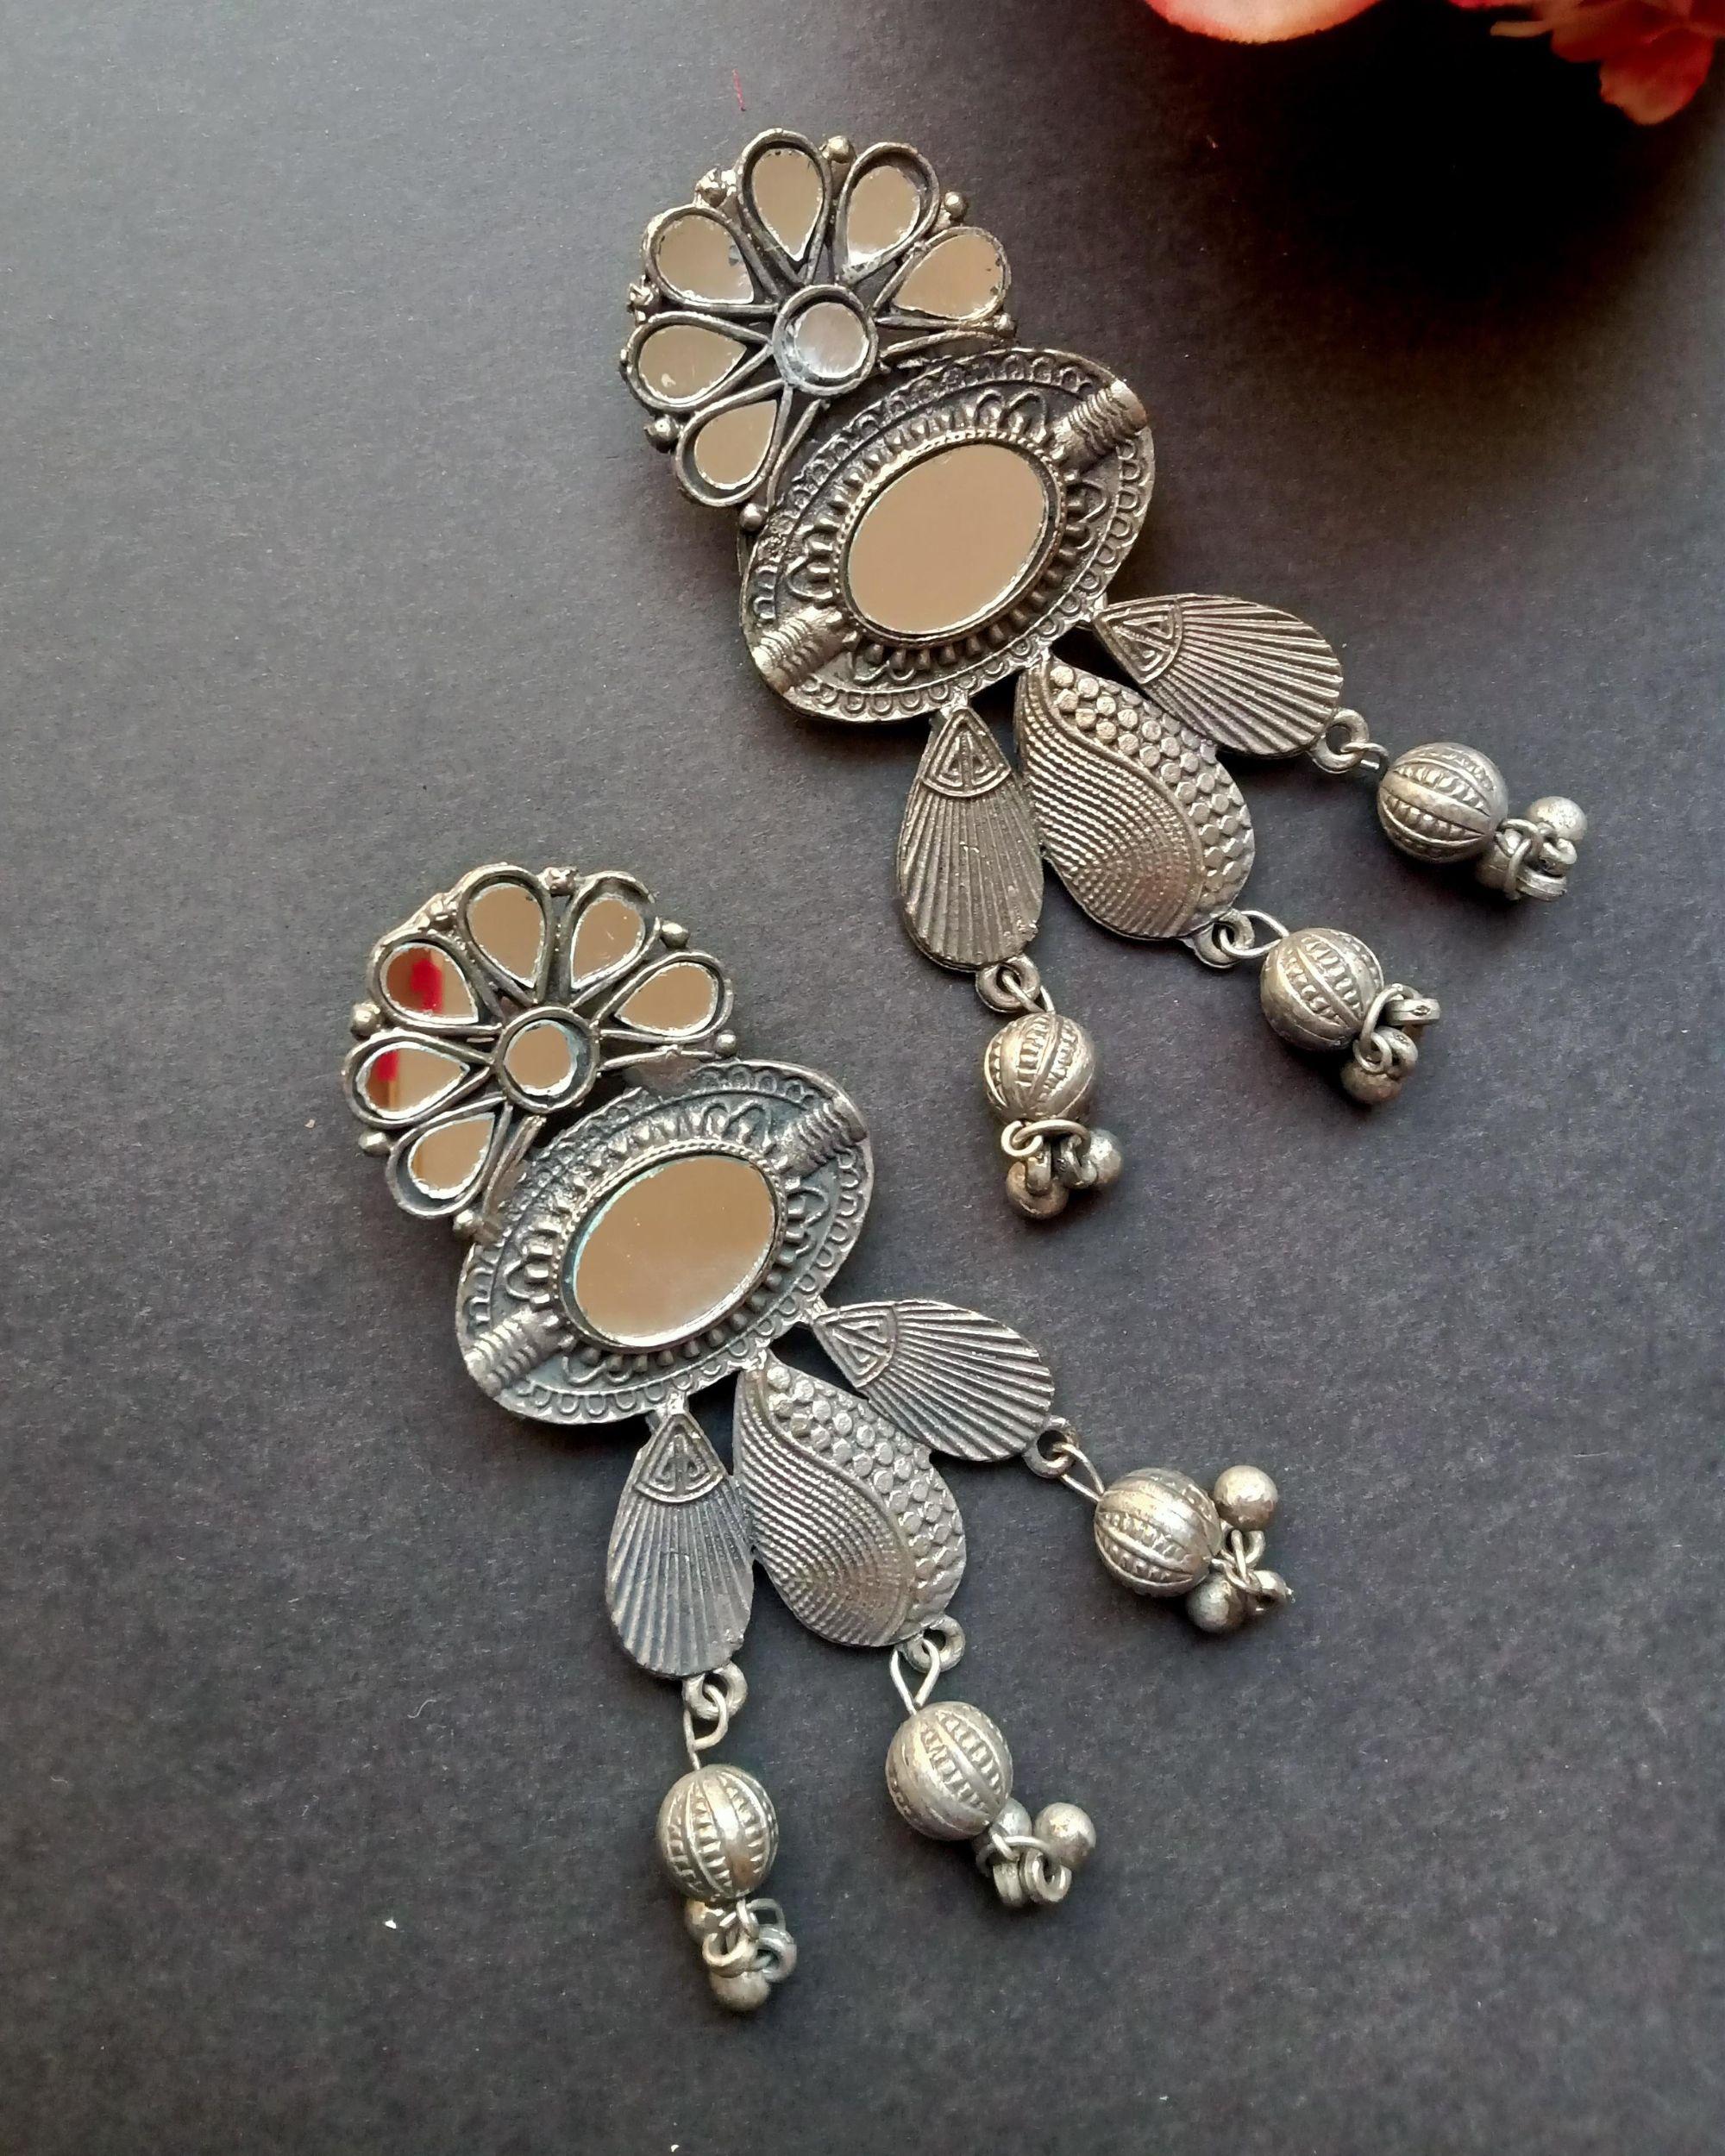 Floral engraved mirror earrings